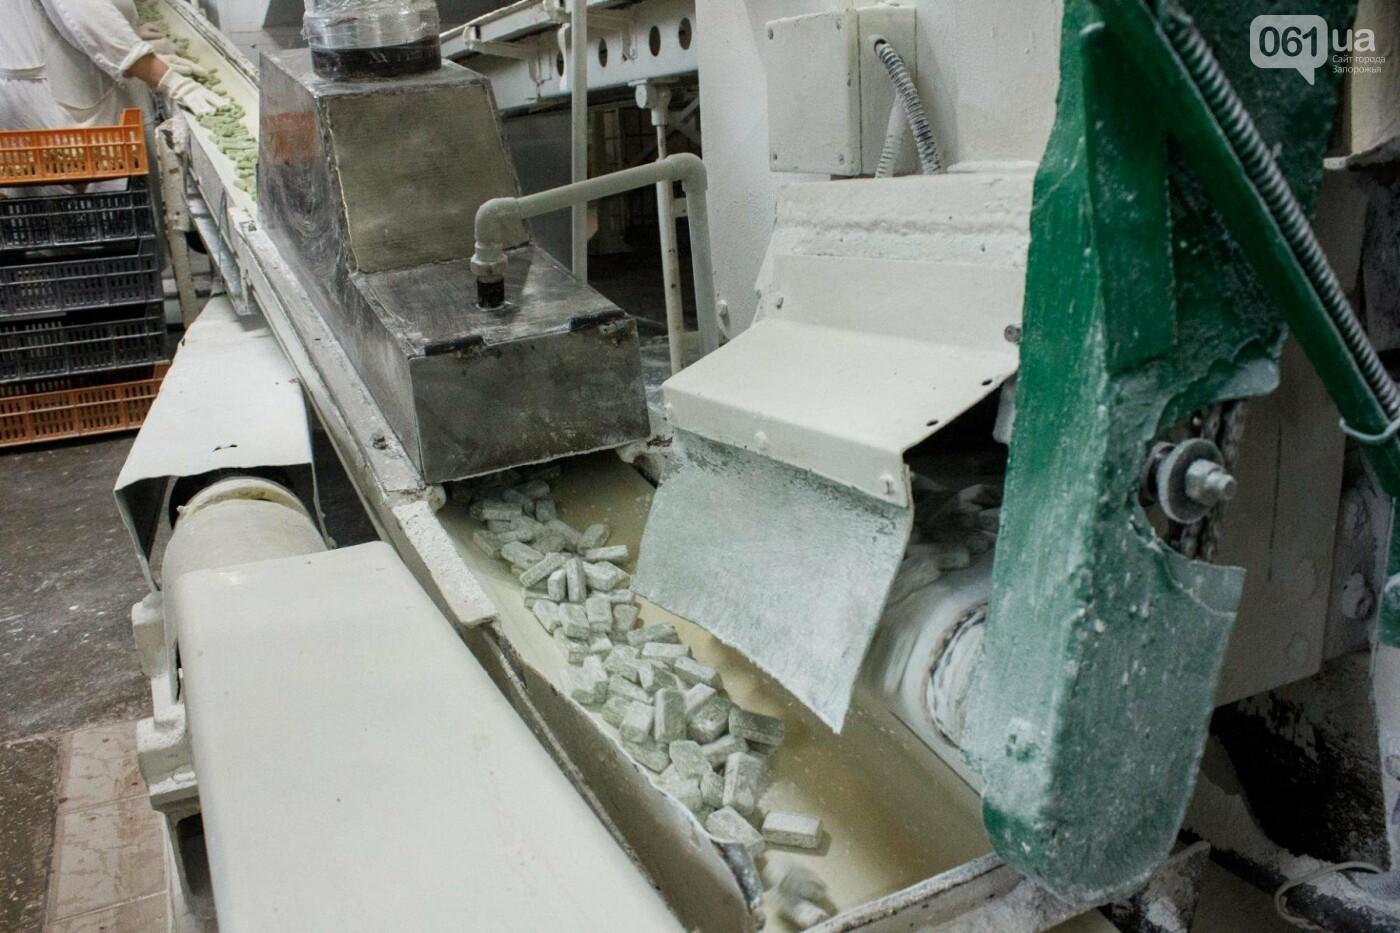 Как в Запорожье делают конфеты: экскурсия на кондитерскую фабрику, – ФОТОРЕПОРТАЖ, фото-20